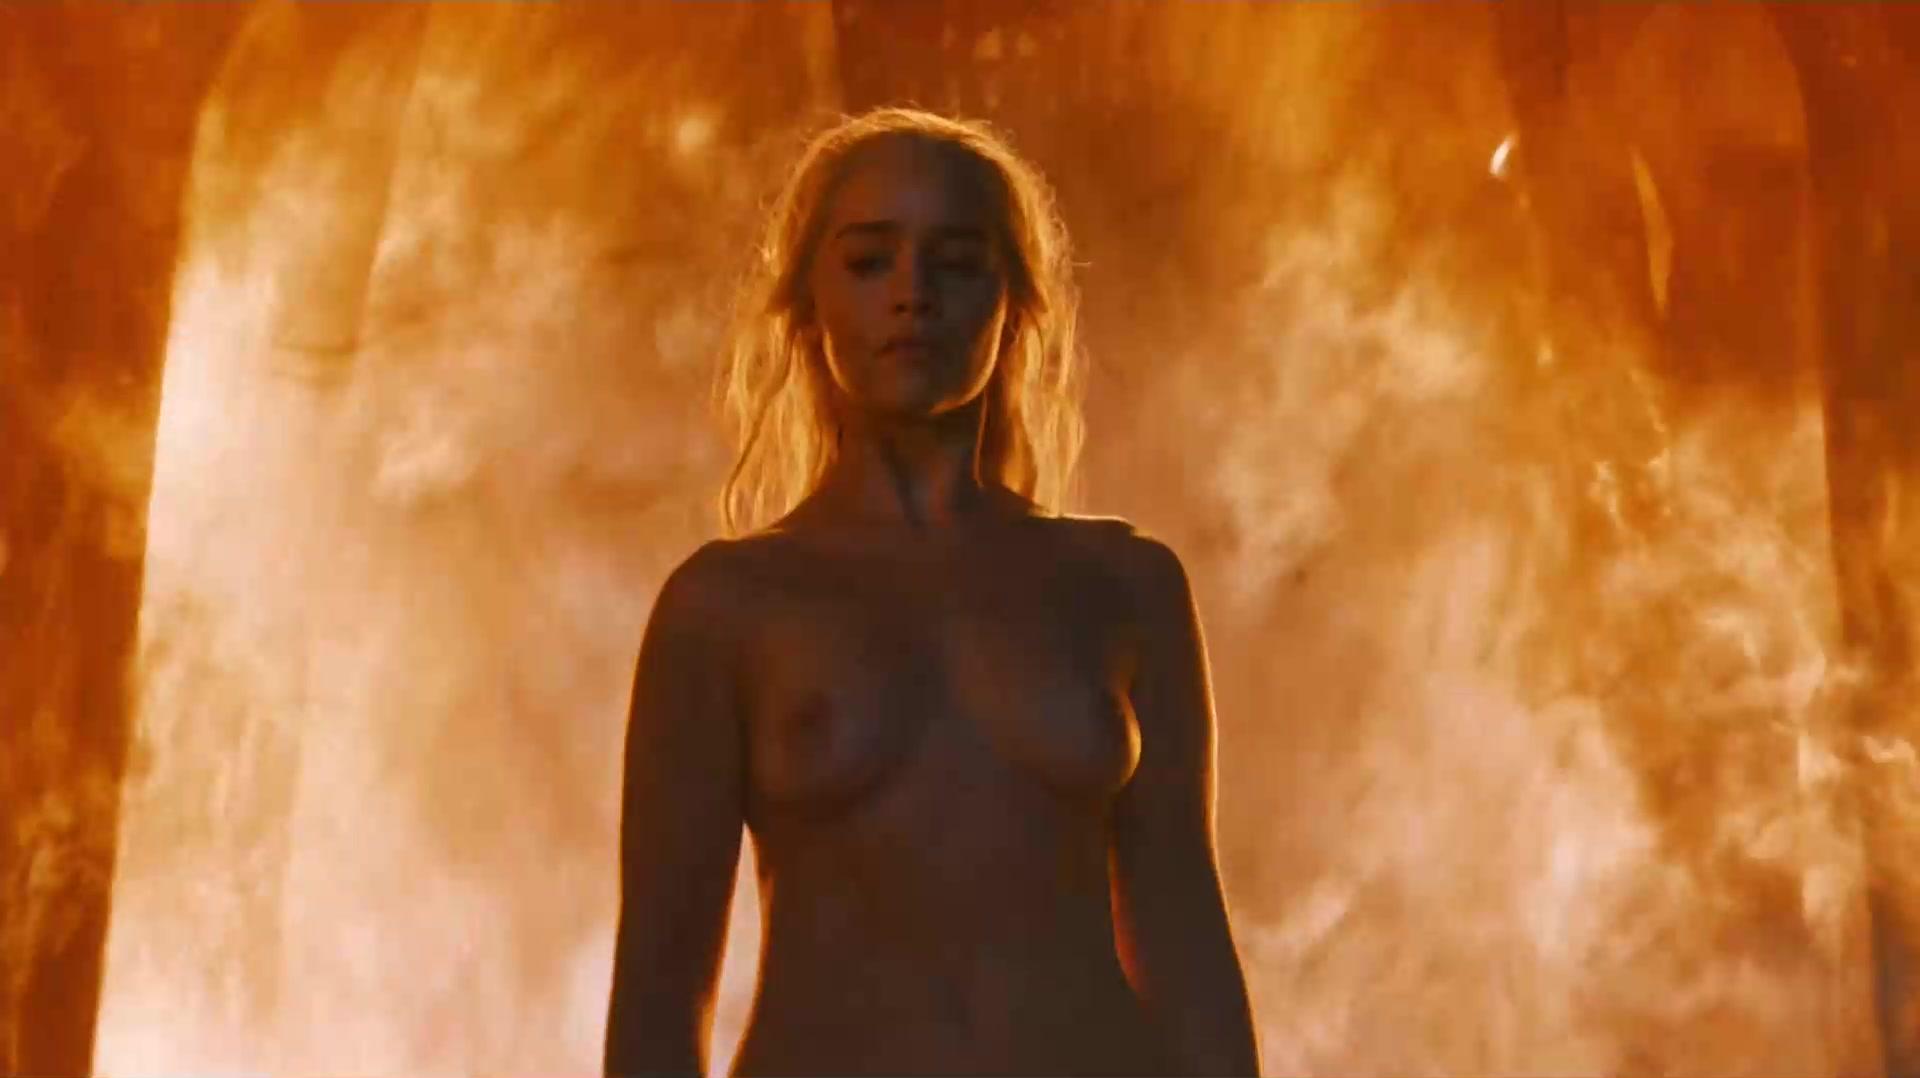 Emilia Clarke Nude Game Of Thrones 2016 S06ep